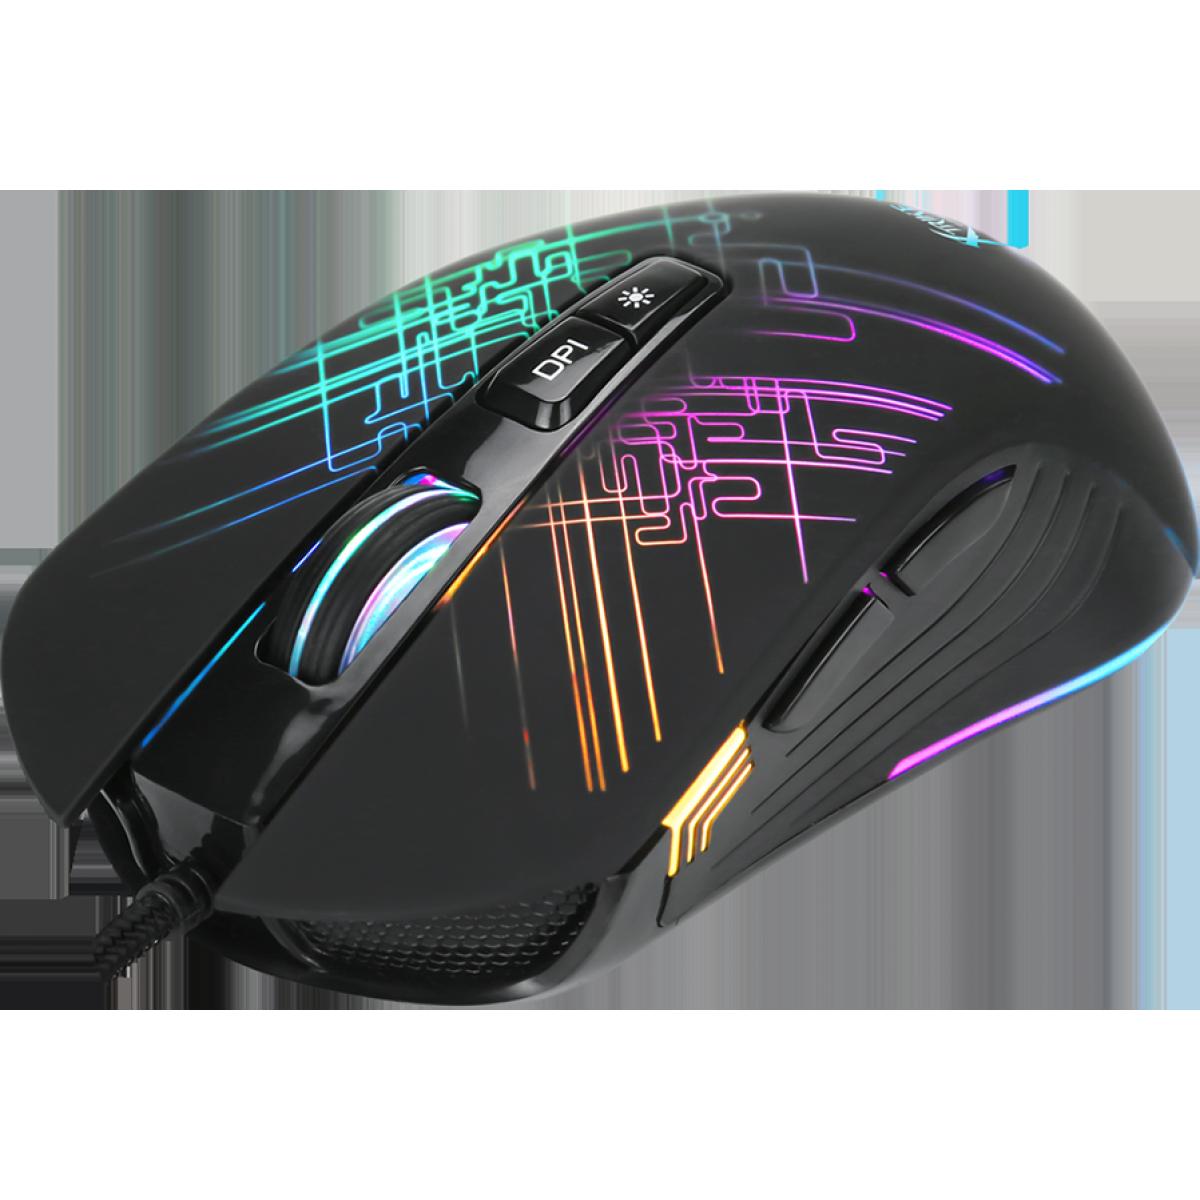 Mouse Gamer Xtrike-Me GM-510, RGB, 7 Botões 6400 DPI, Black